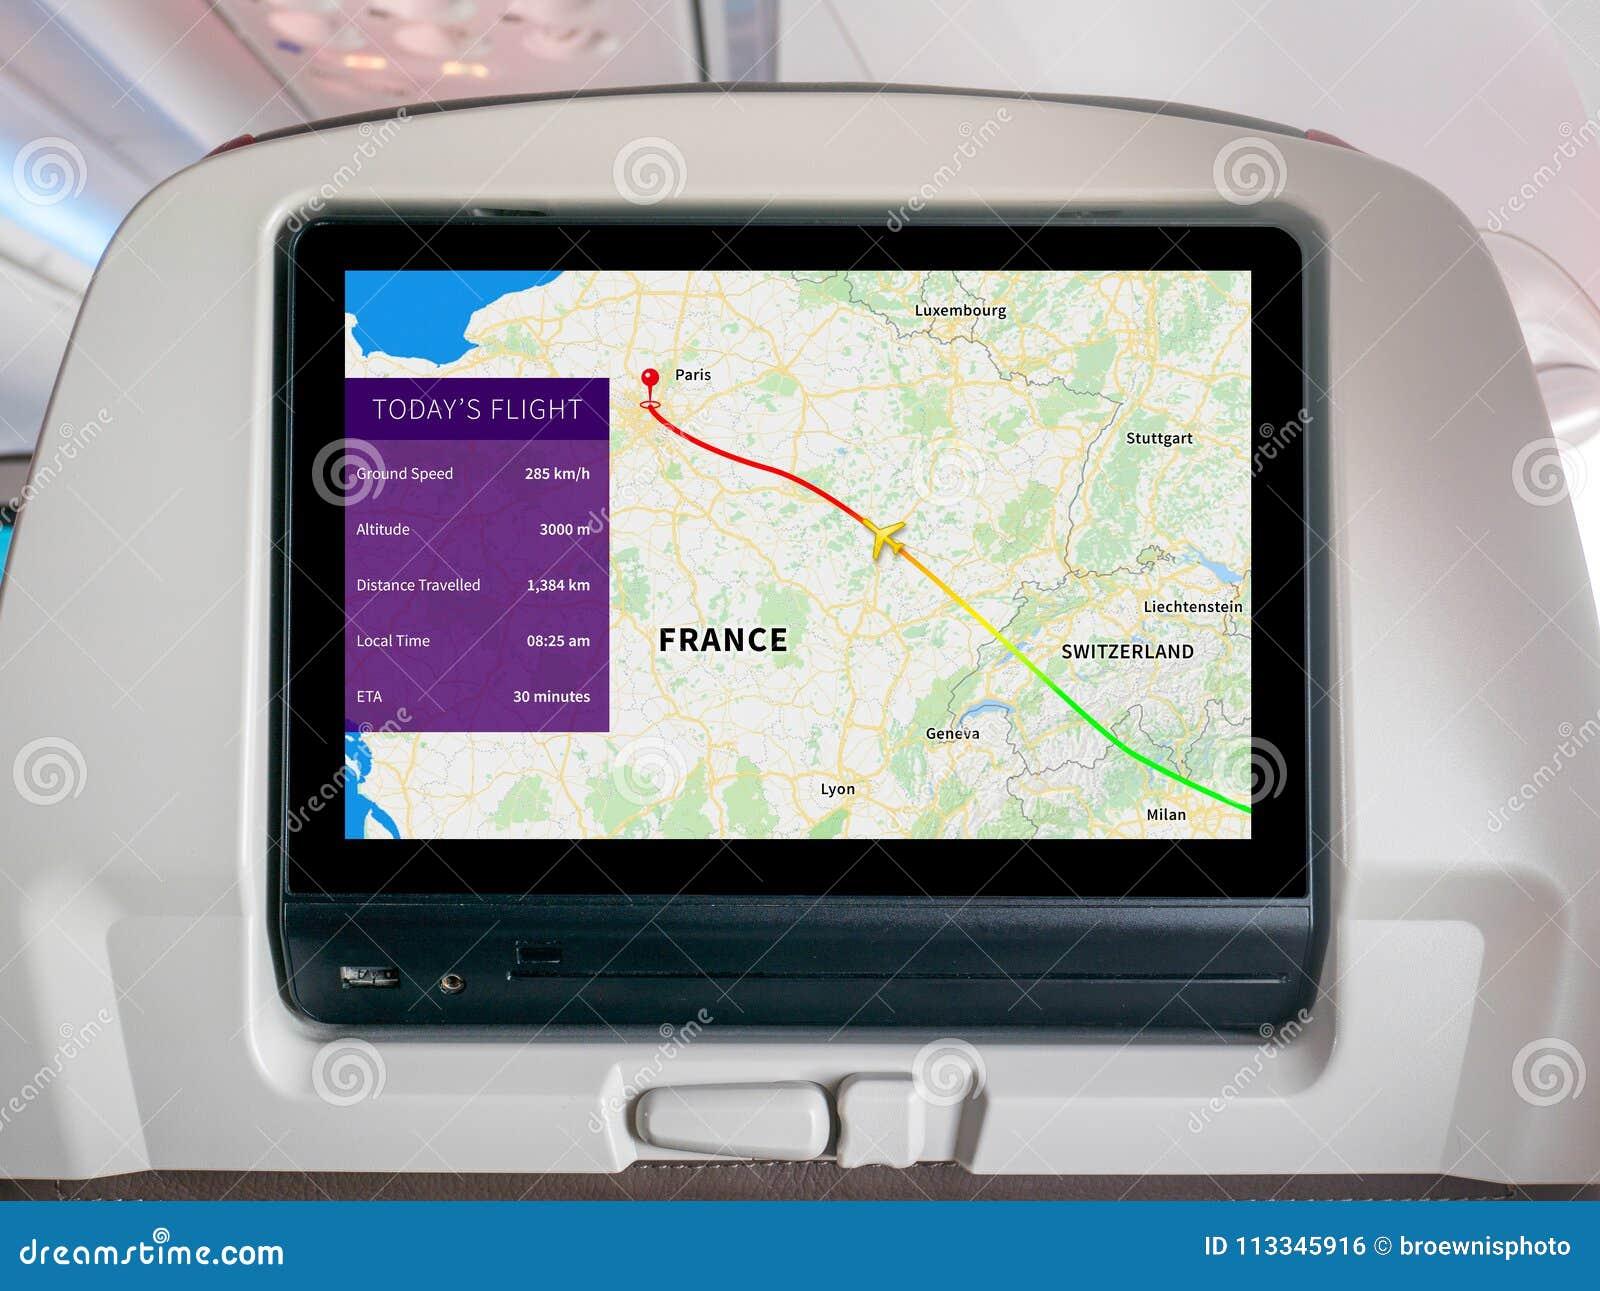 Inflight Scherm van de Vooruitgangskaart, brengt tijdens de vlucht het Scherm, het Vluchtscherm, Vluchtdrijver in kaart